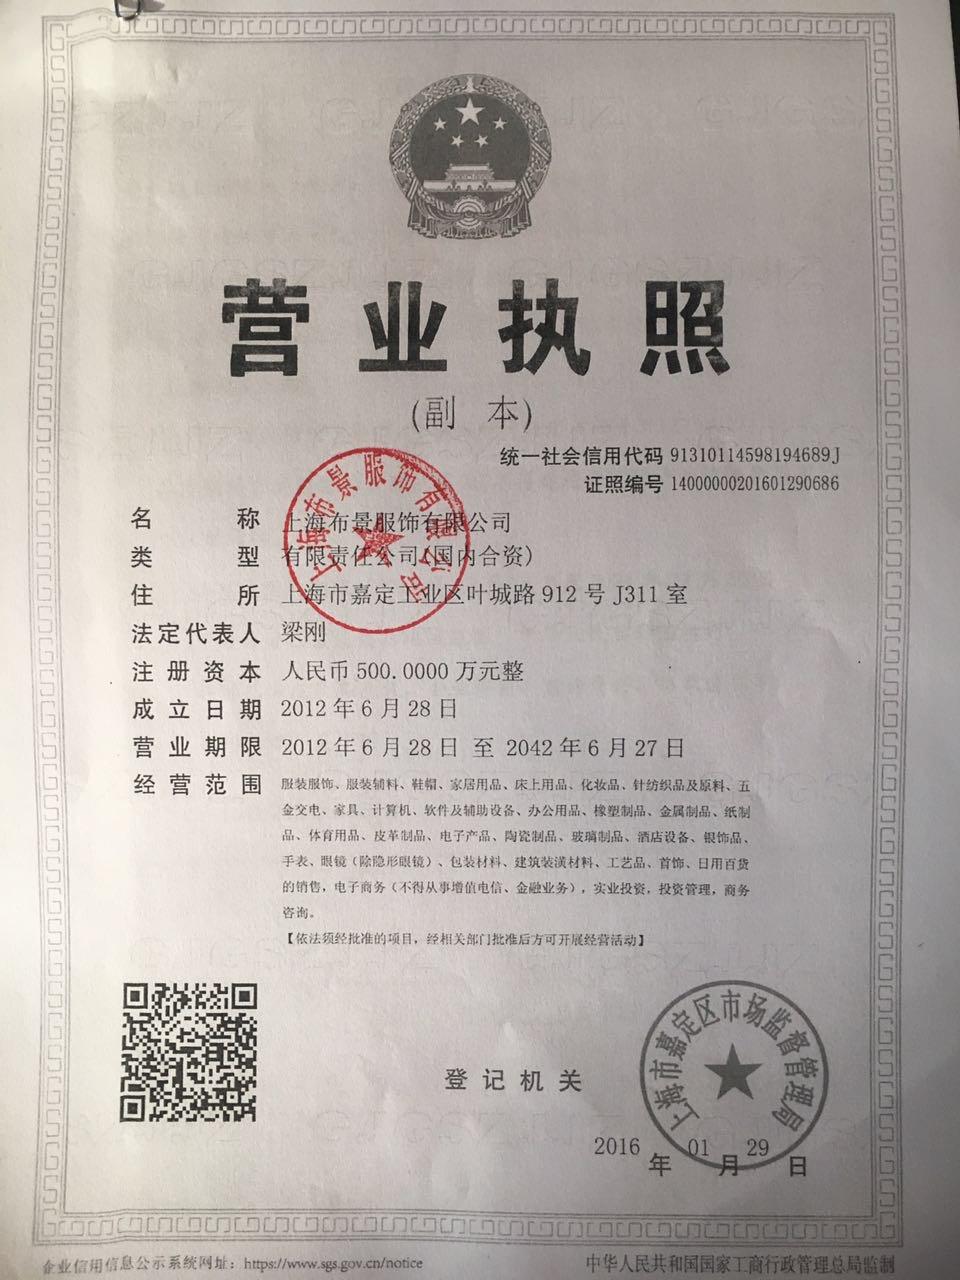 上海布景服饰有限公司企业档案